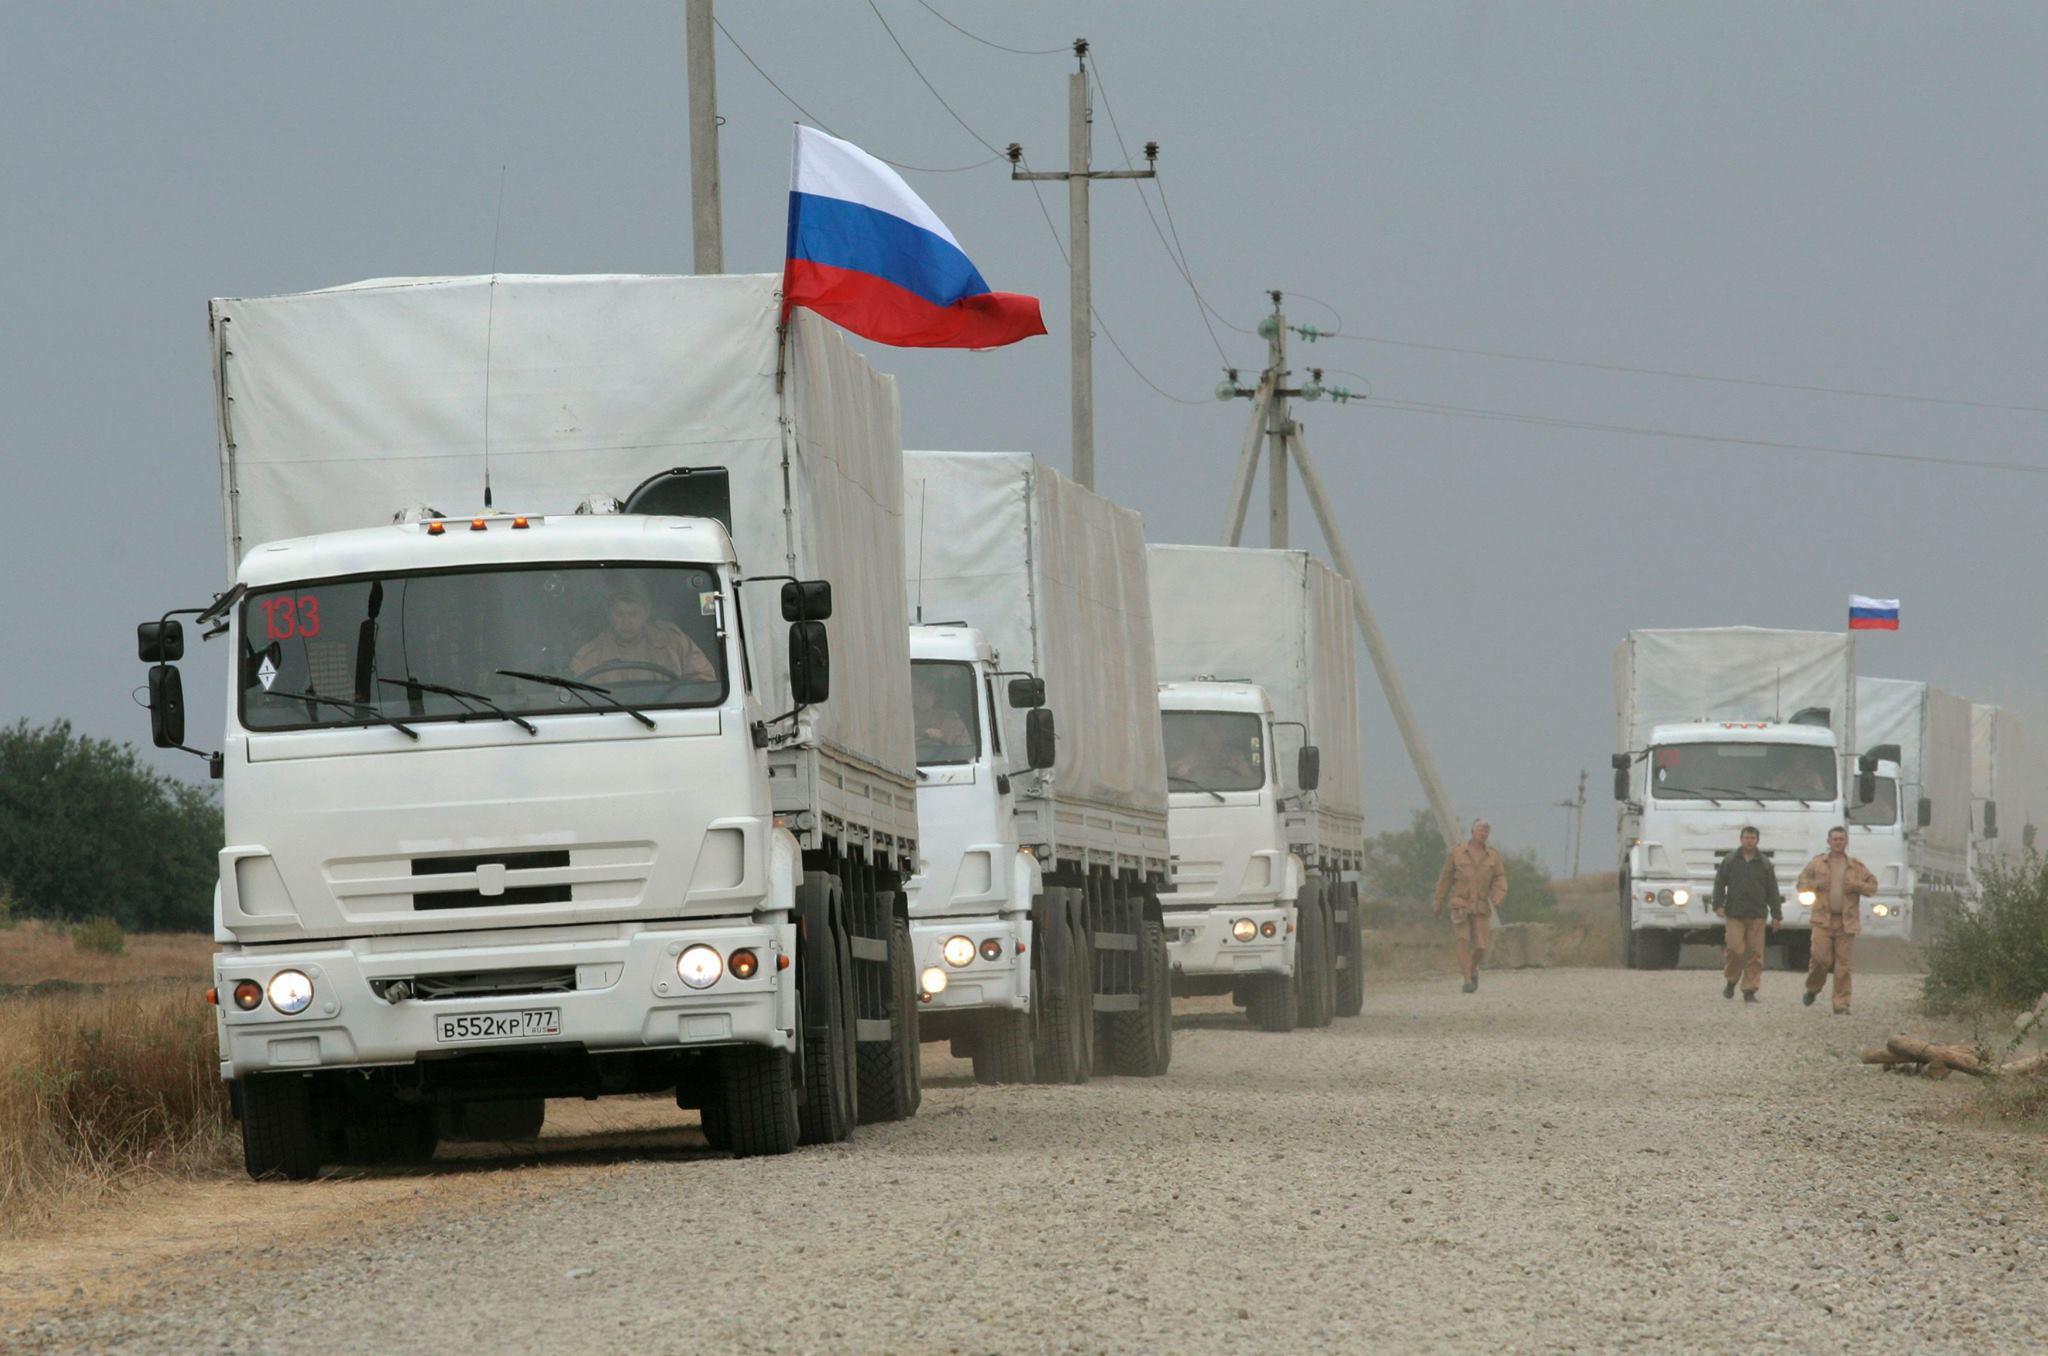 Жители Донбасса встречали первые российские гуманитарные конвои со слезами радости